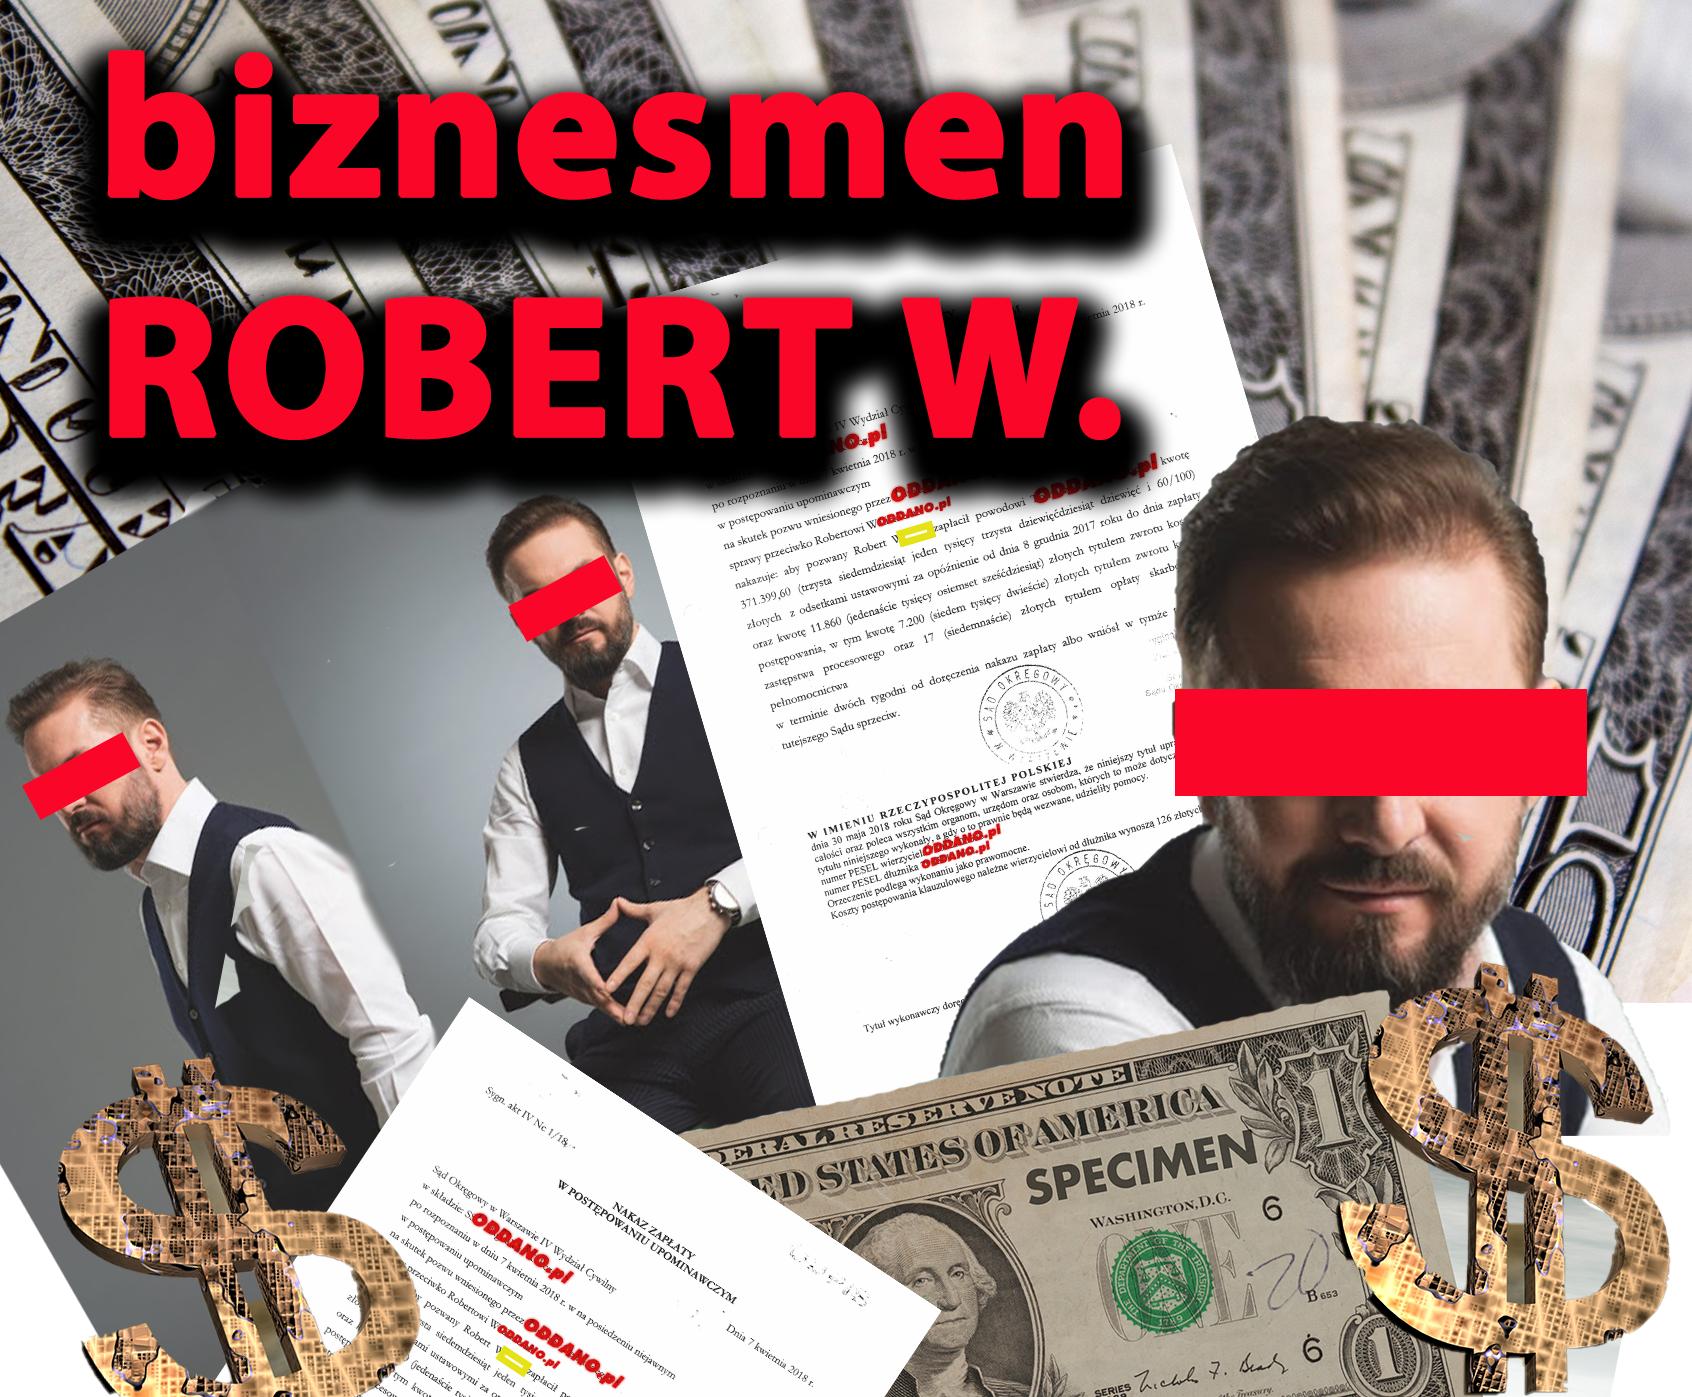 ROBERT W. BIZNESMEN FILANTROP PRZEDSIĘBIORCA DŁUŻNIK czy OSZUST?